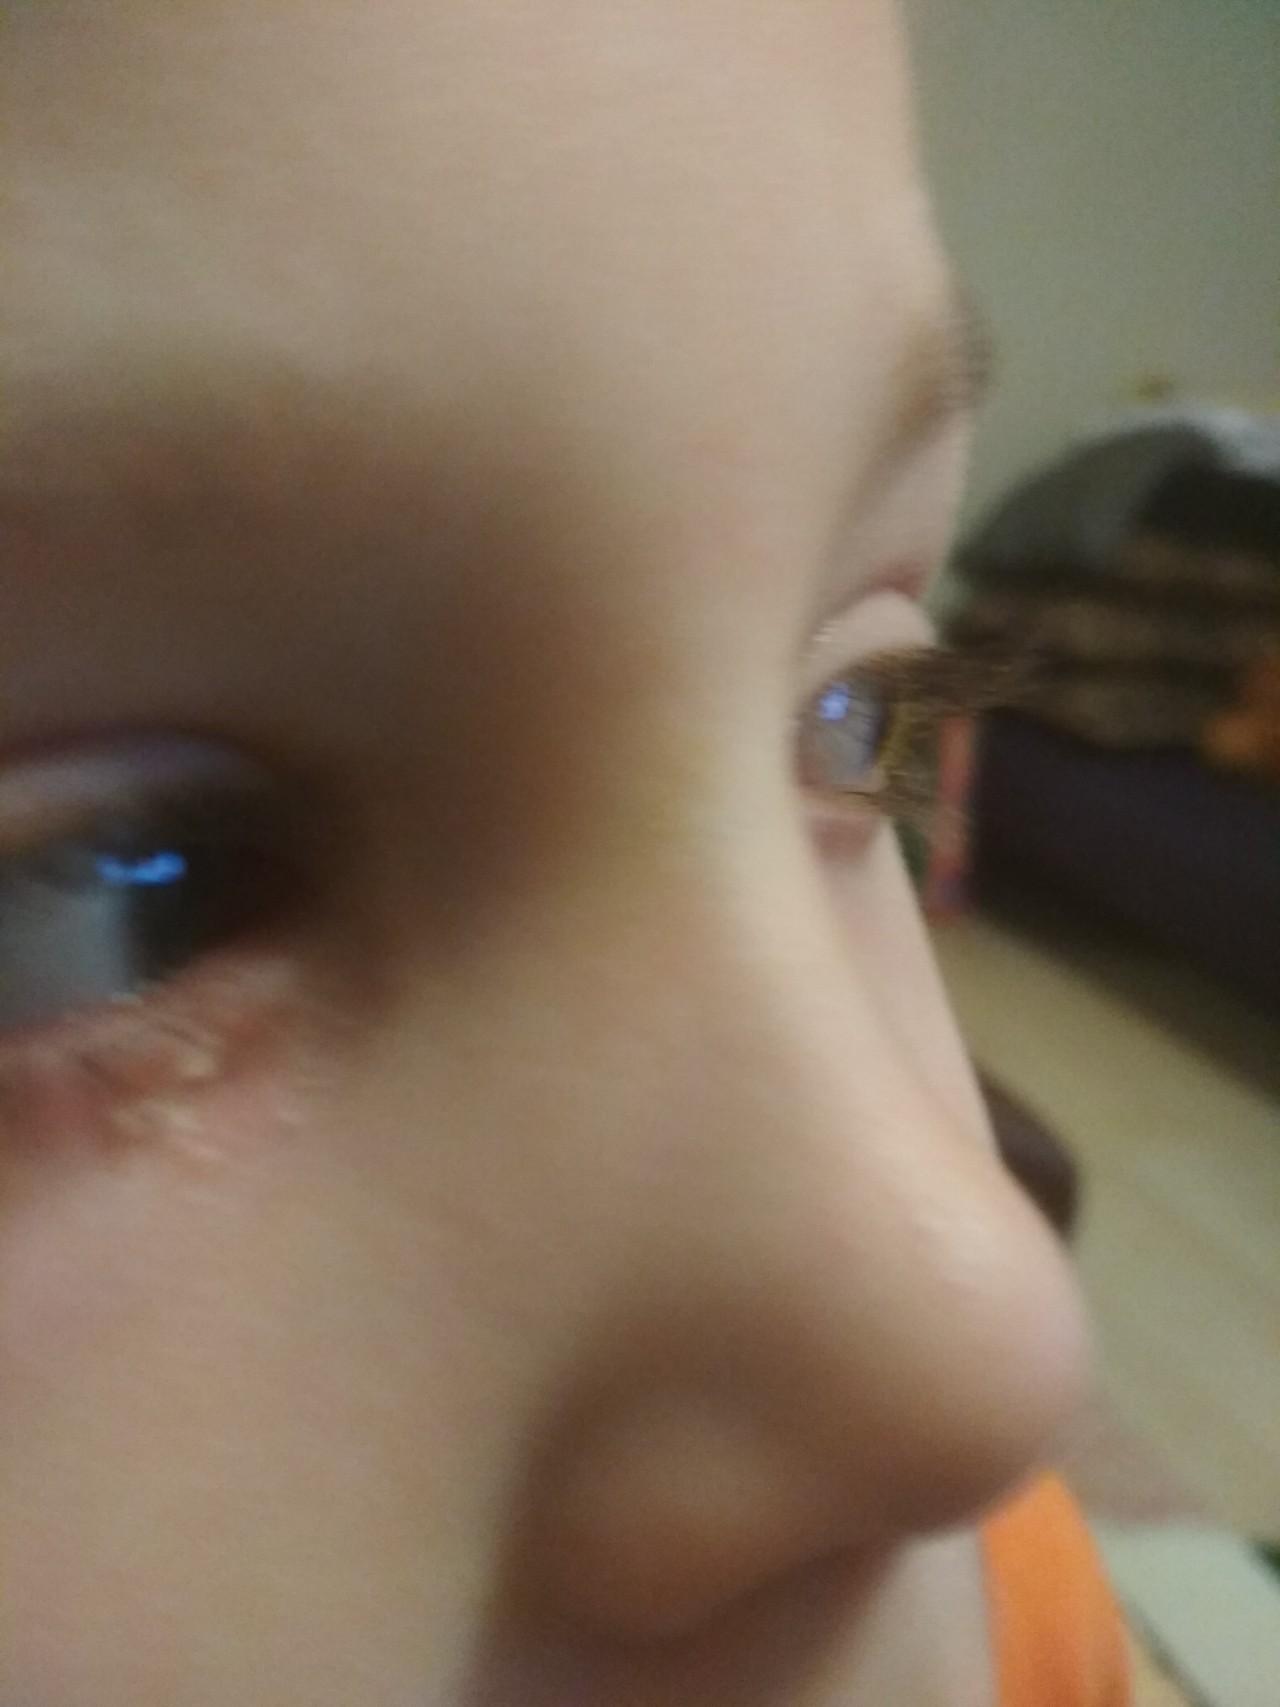 Холязионы век у ребенка фото с пояснениями